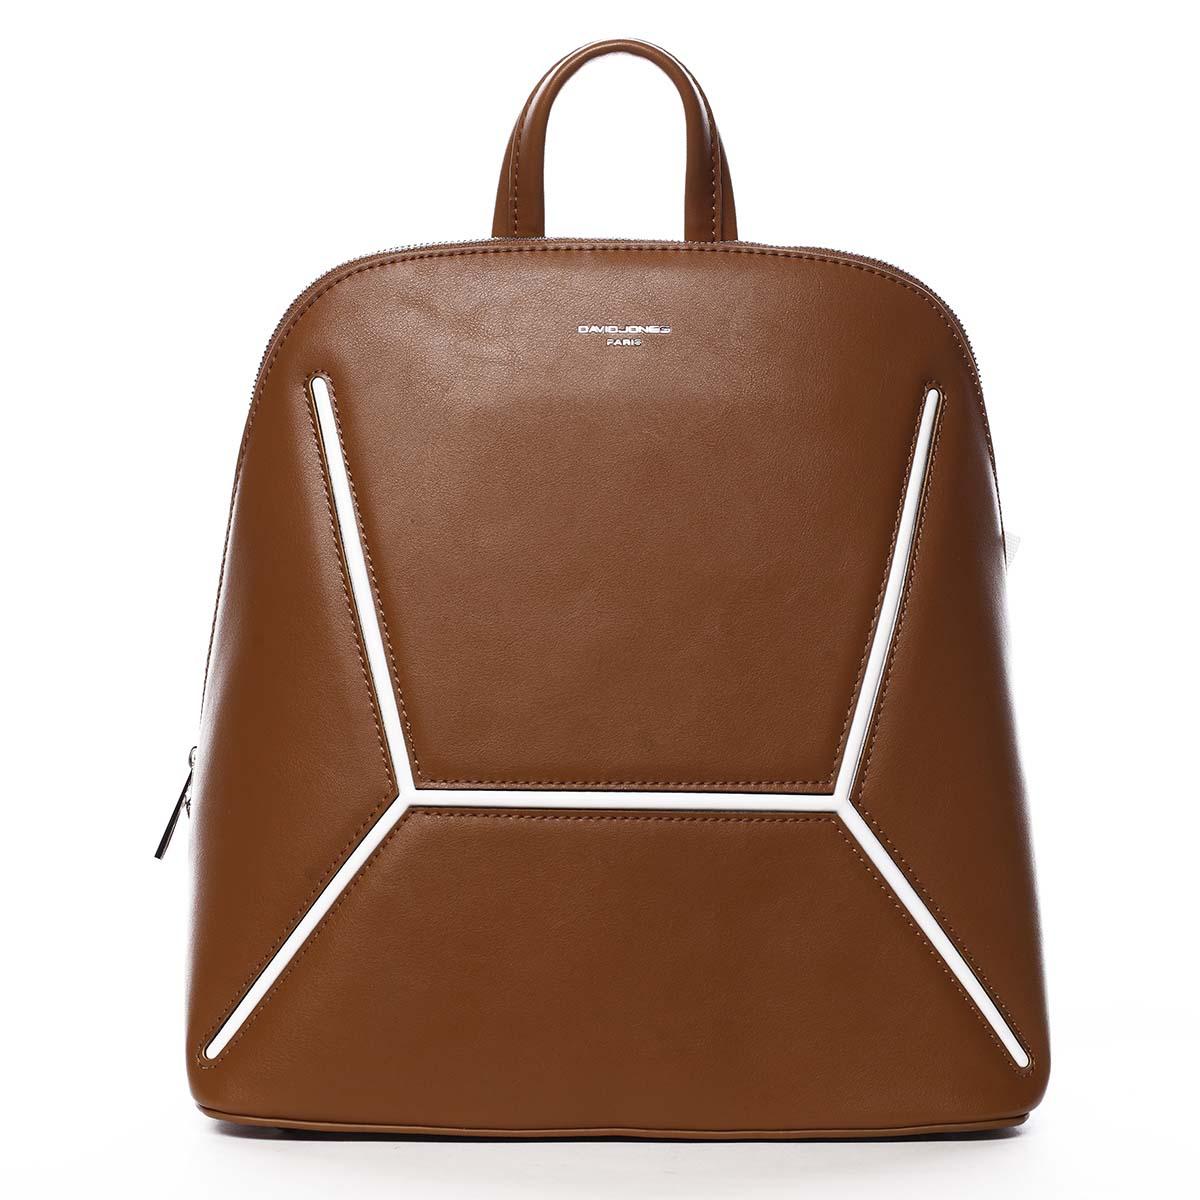 Dámský módní batoh světle hnědý - David Jones Haptun